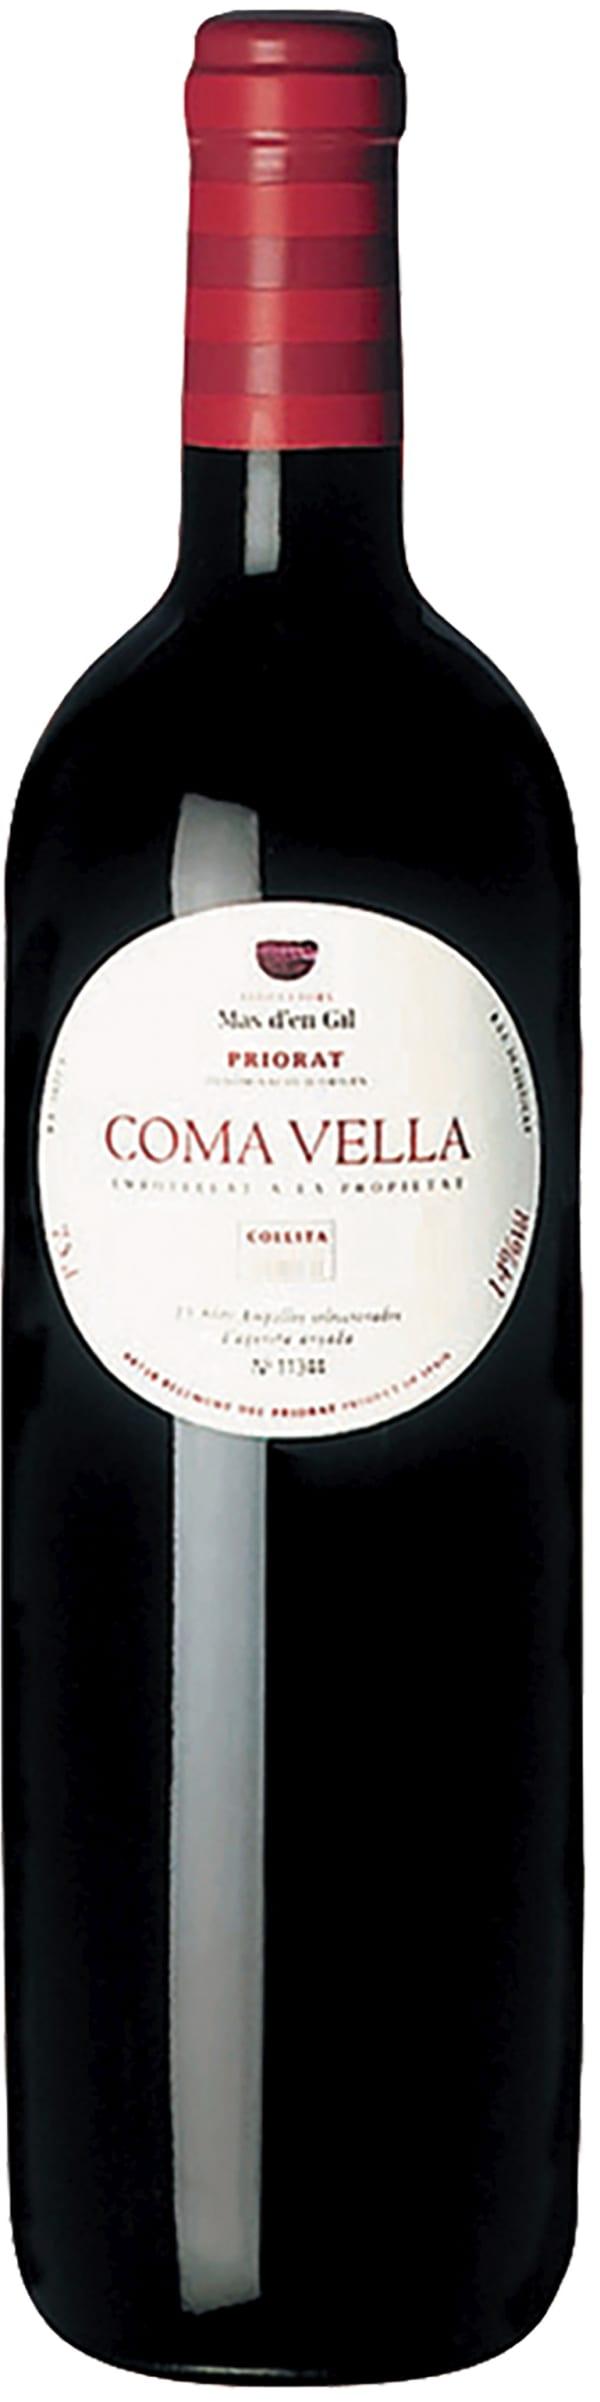 Coma Vella 2011